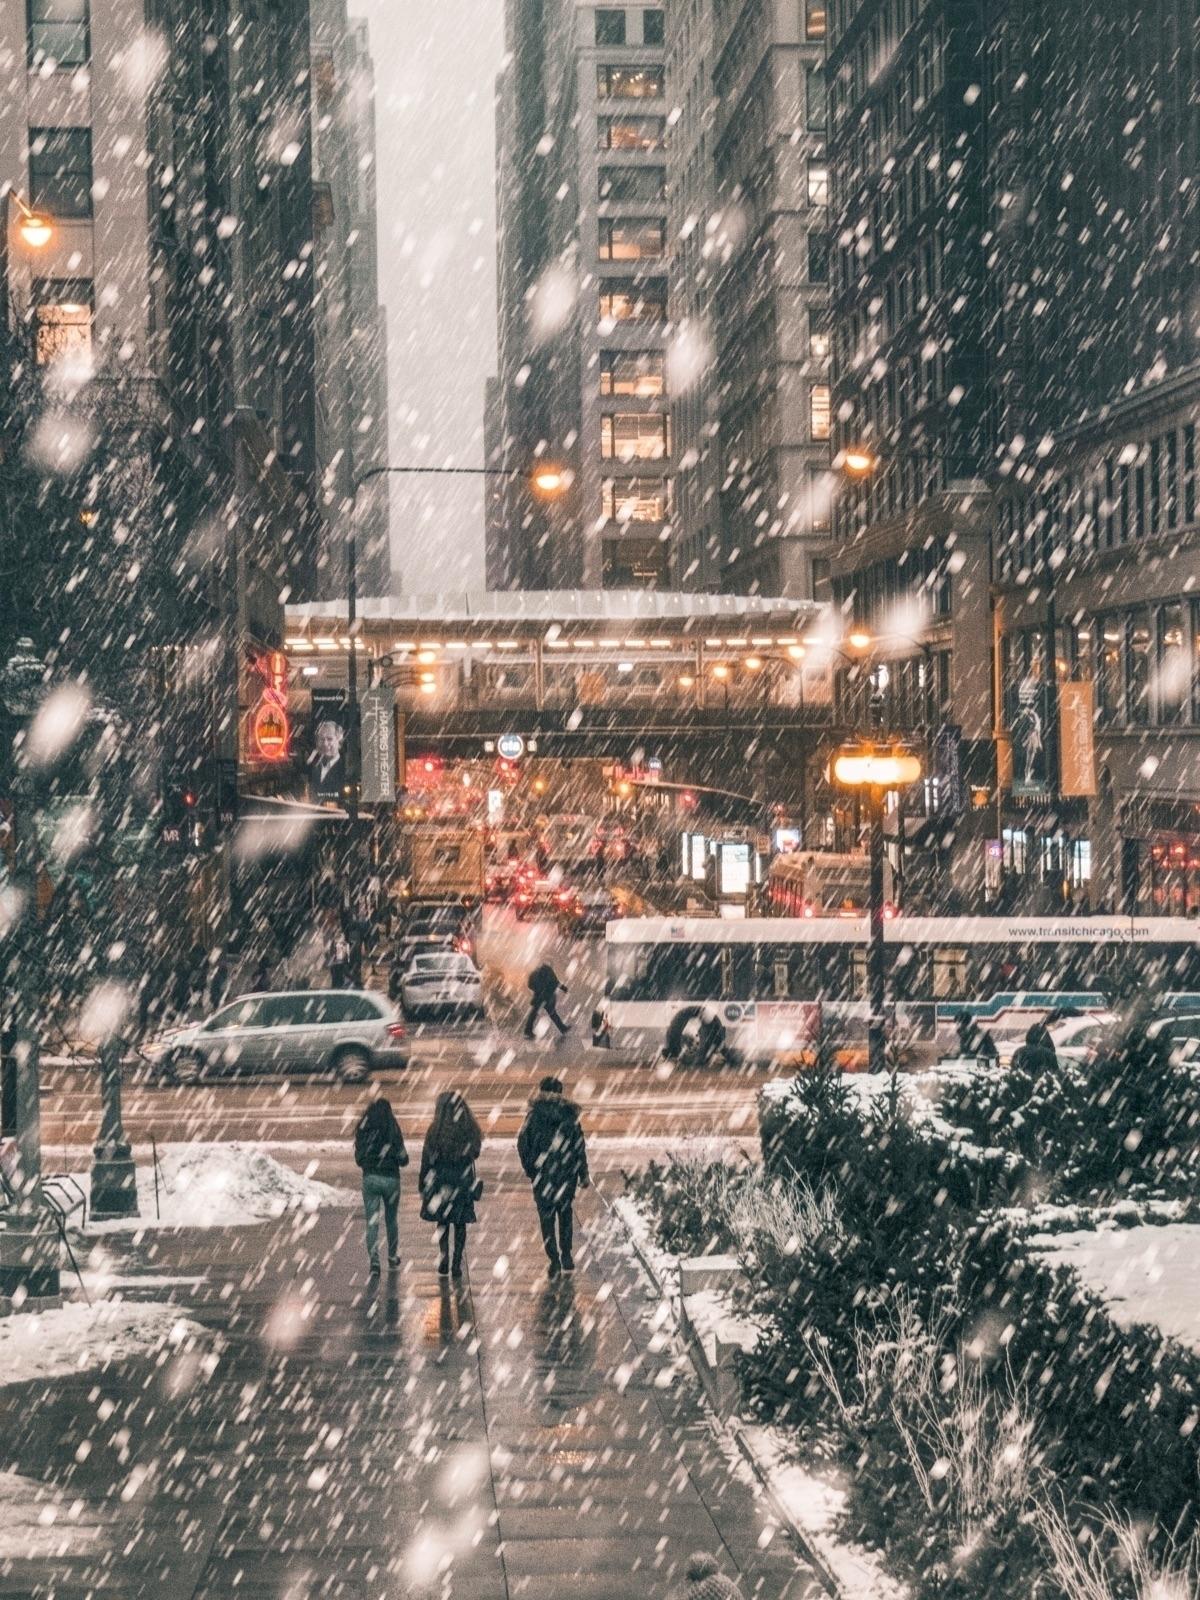 Suffocation - snow - will_bones   ello